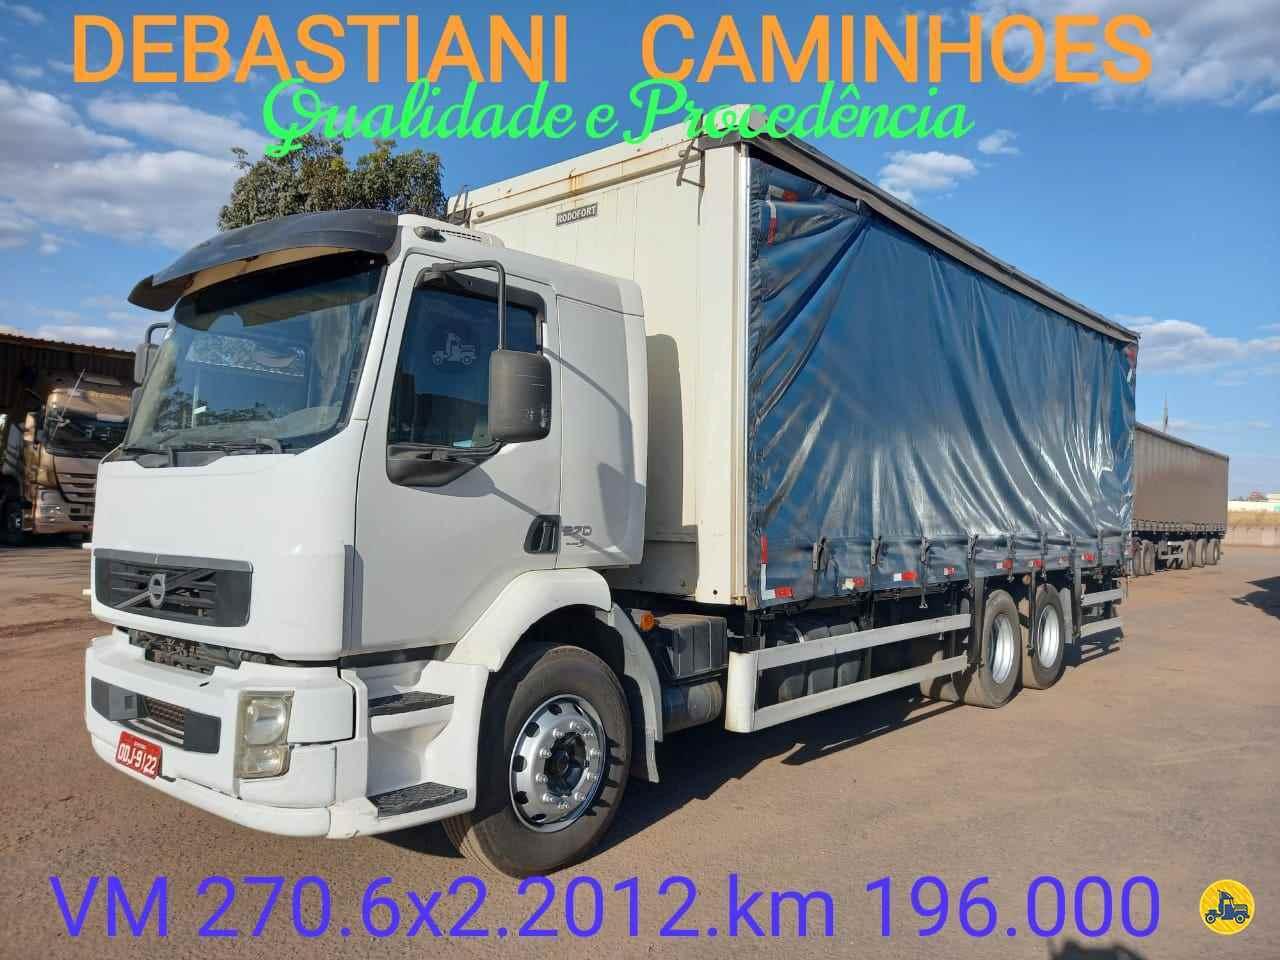 CAMINHAO VOLVO VOLVO VM 270 Baú Sider Truck 6x2 Debastiani Caminhões ANAPOLIS GOIAS GO